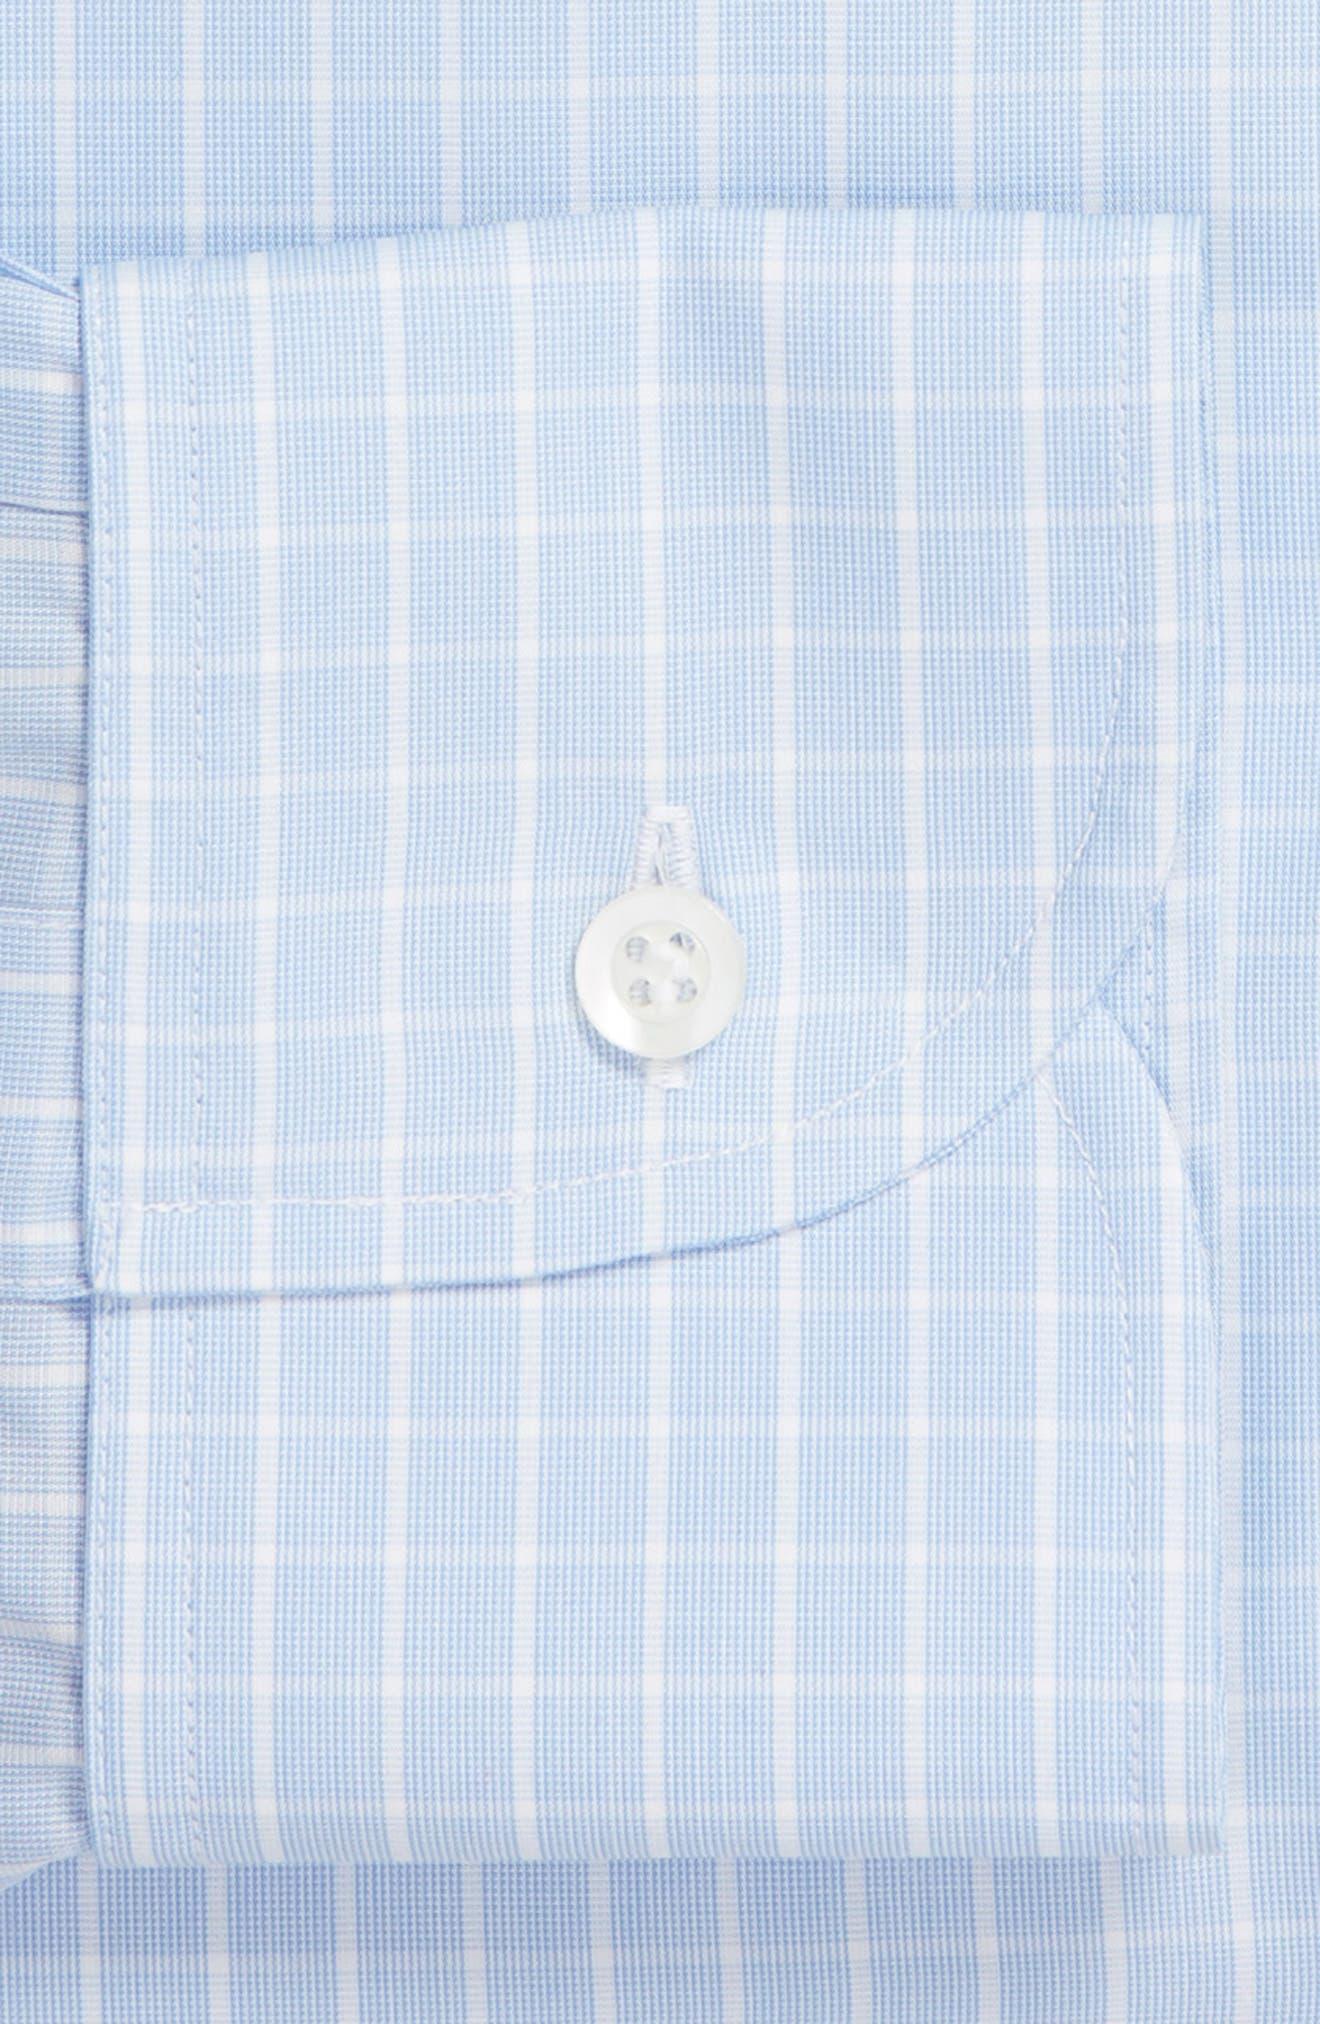 McBride Trim Fit Check Dress Shirt,                             Alternate thumbnail 6, color,                             BLUE